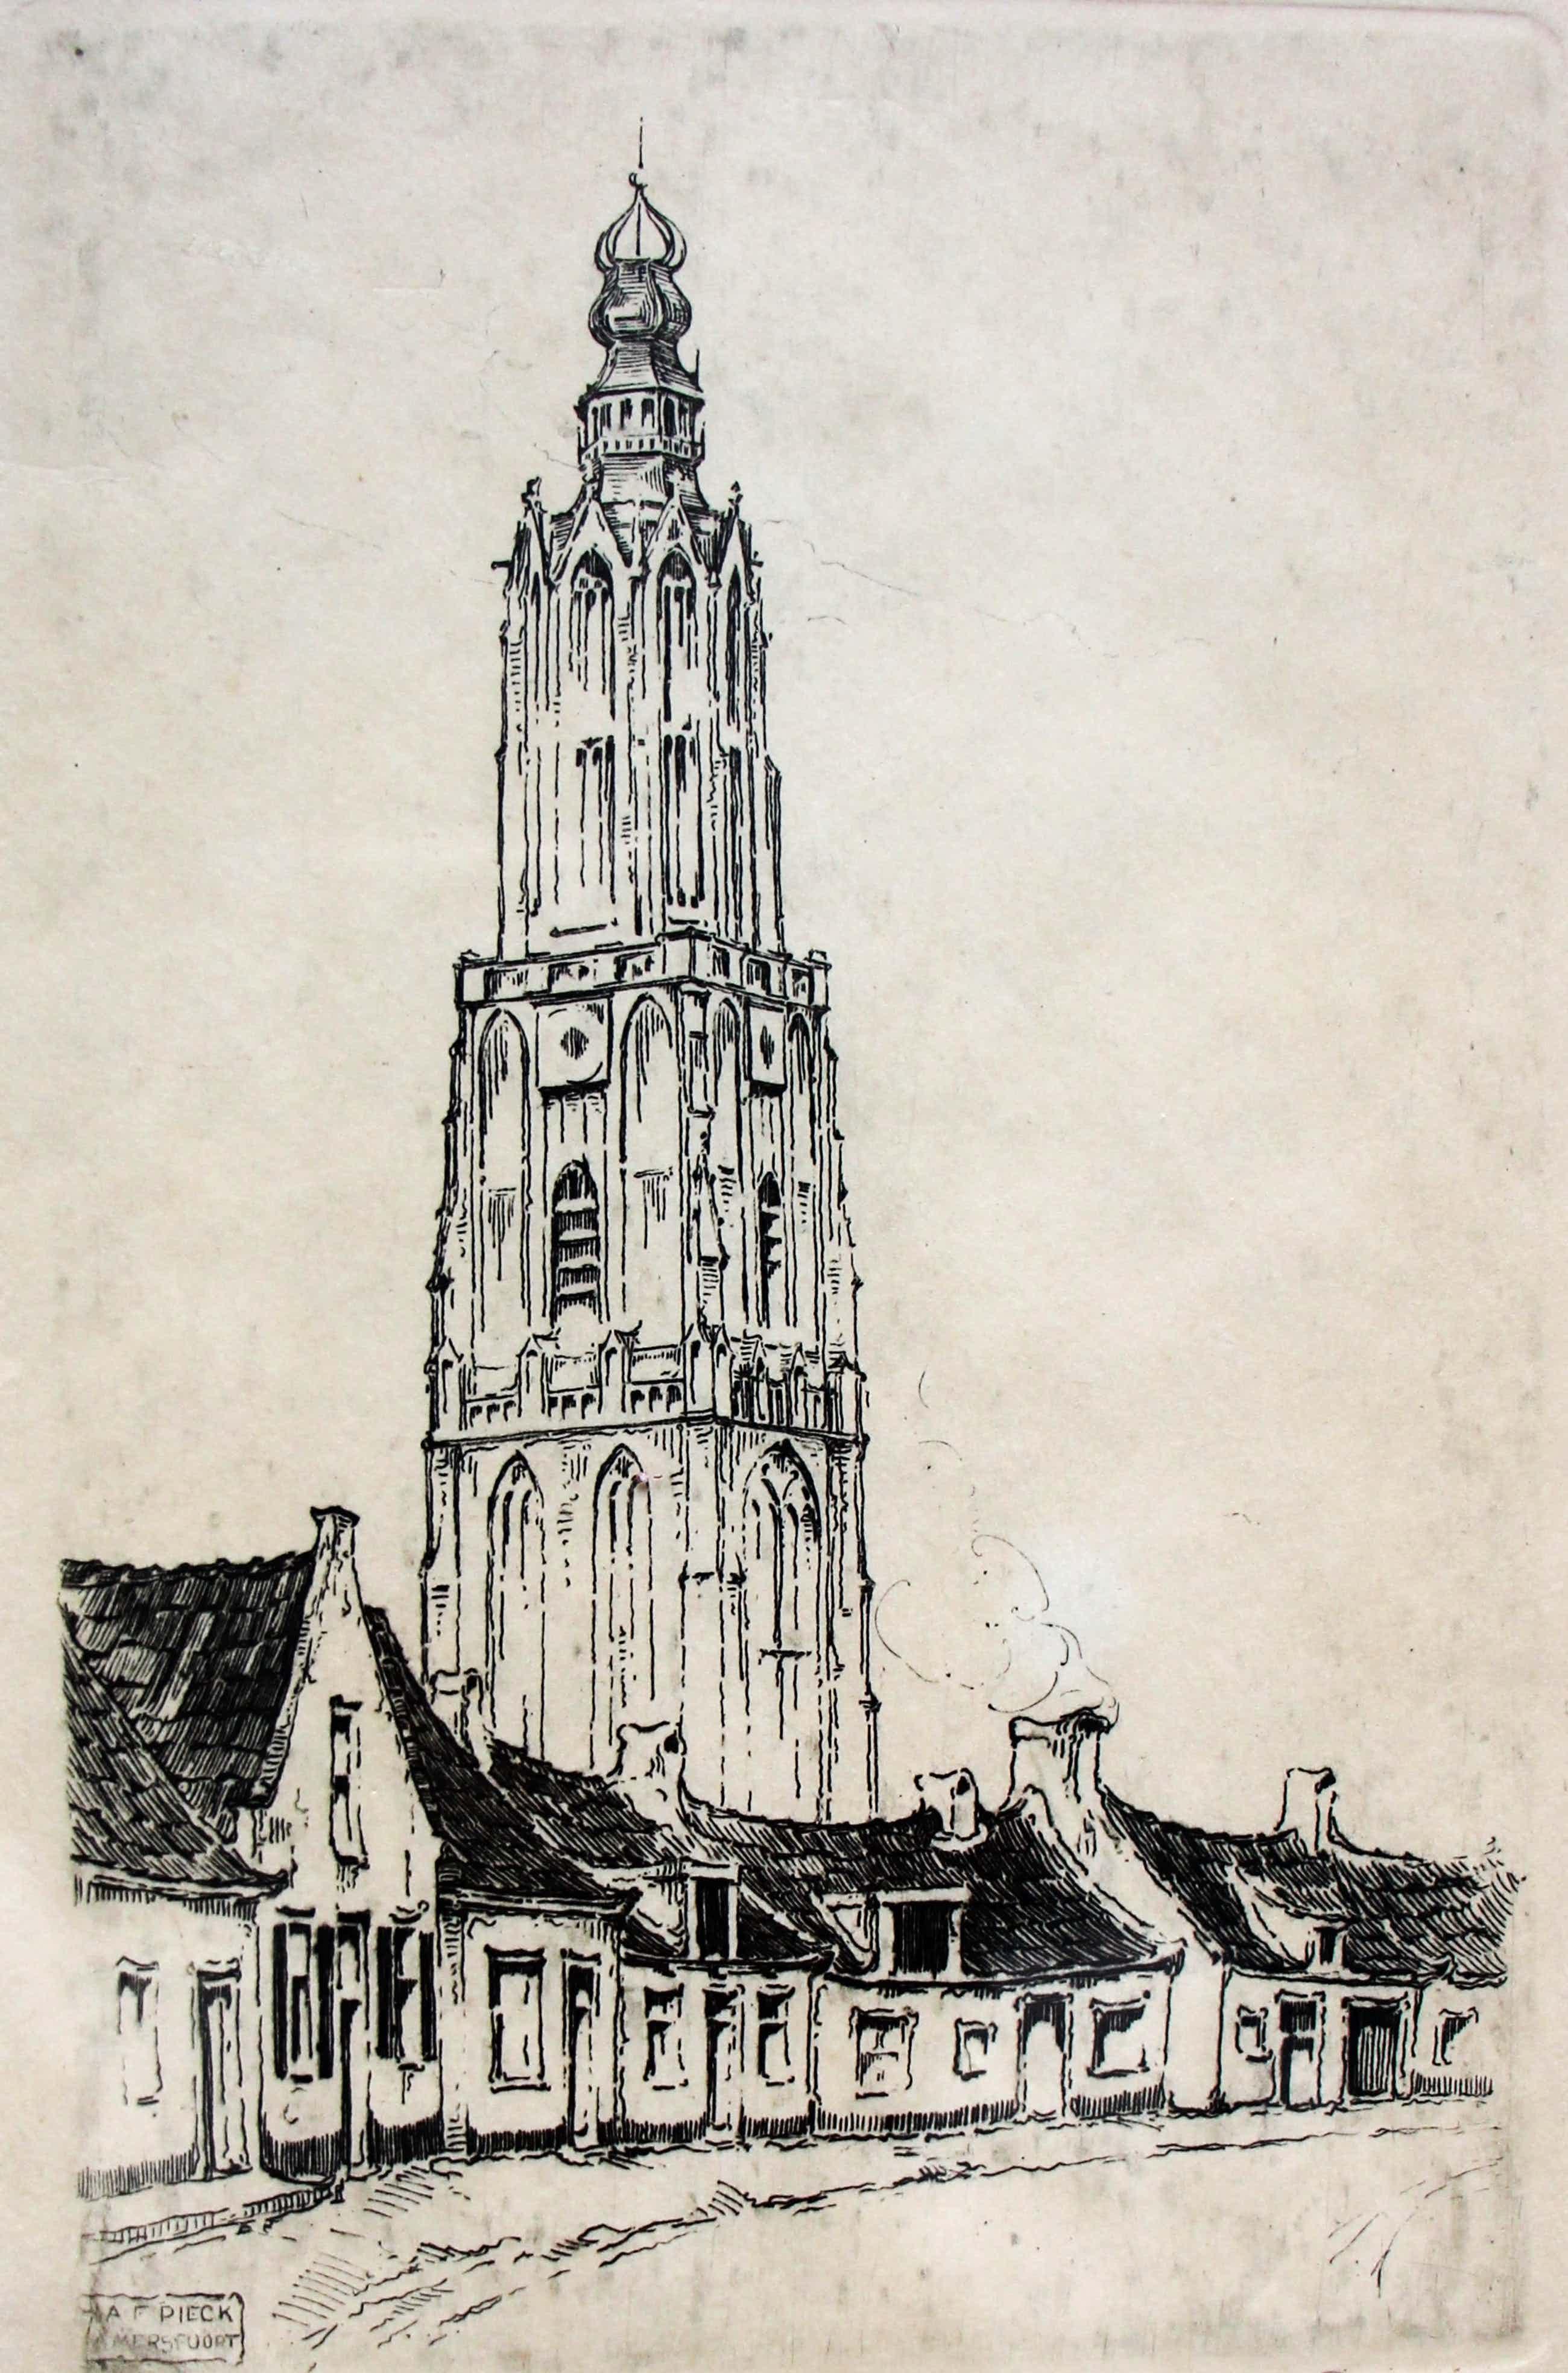 Anton Pieck - Ets: Onze lieve vrouwentoren Amersfoort - 1917 kopen? Bied vanaf 175!